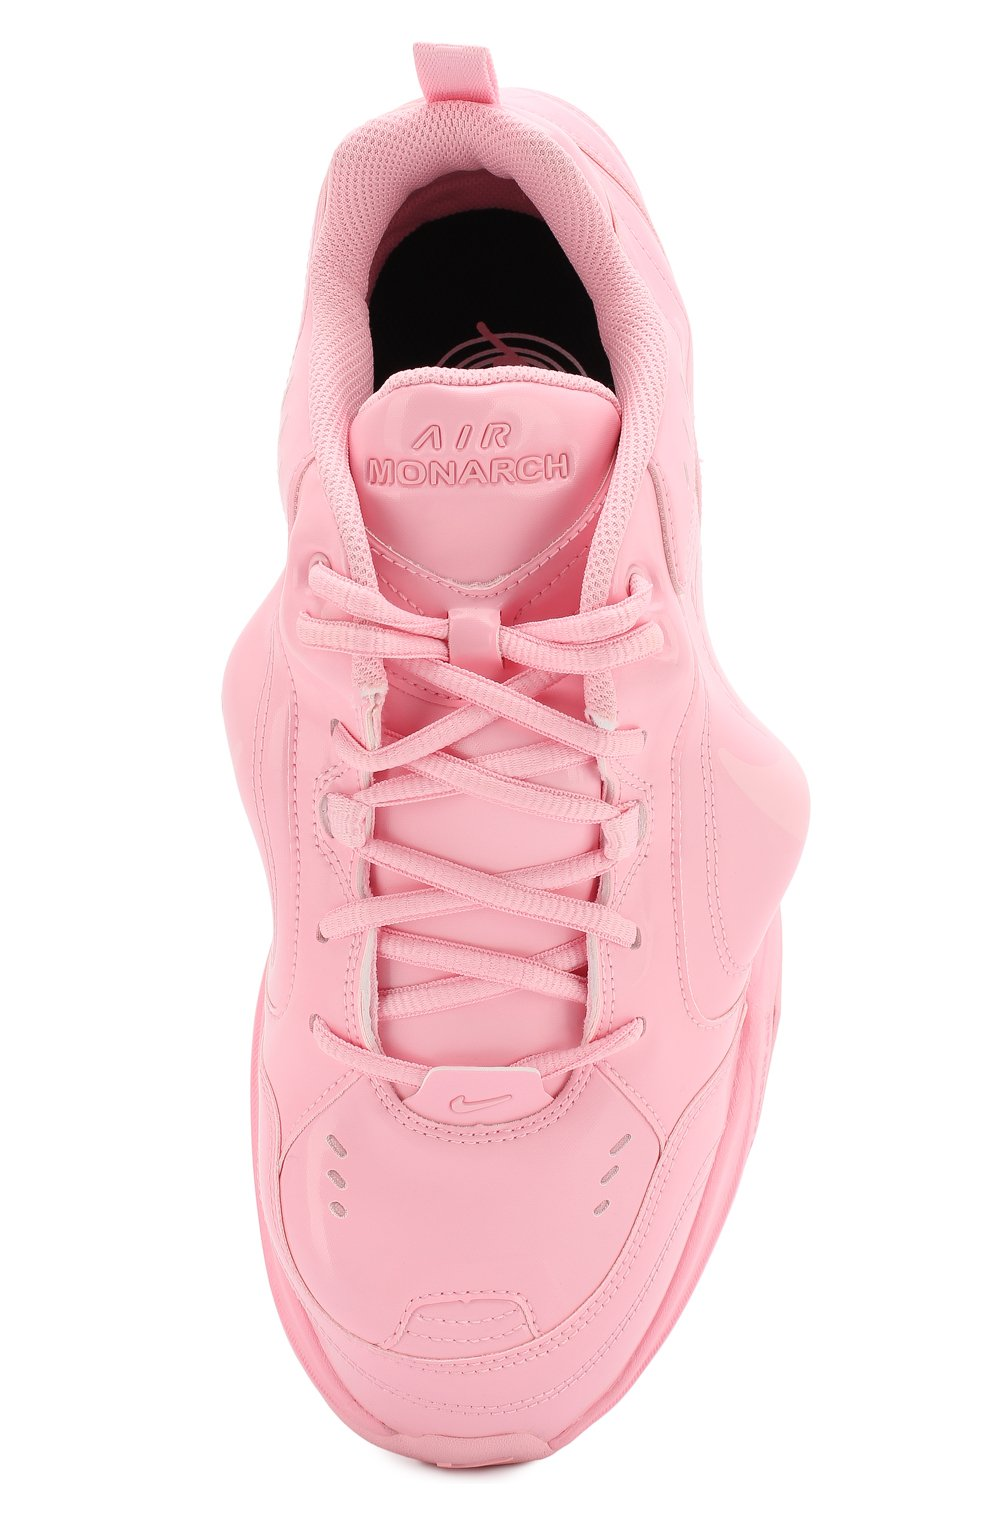 84cefbad0 Кожаные кроссовки NikeLab x Martine Rose Air Monarch IV NikeLab розовые |  Фото №5